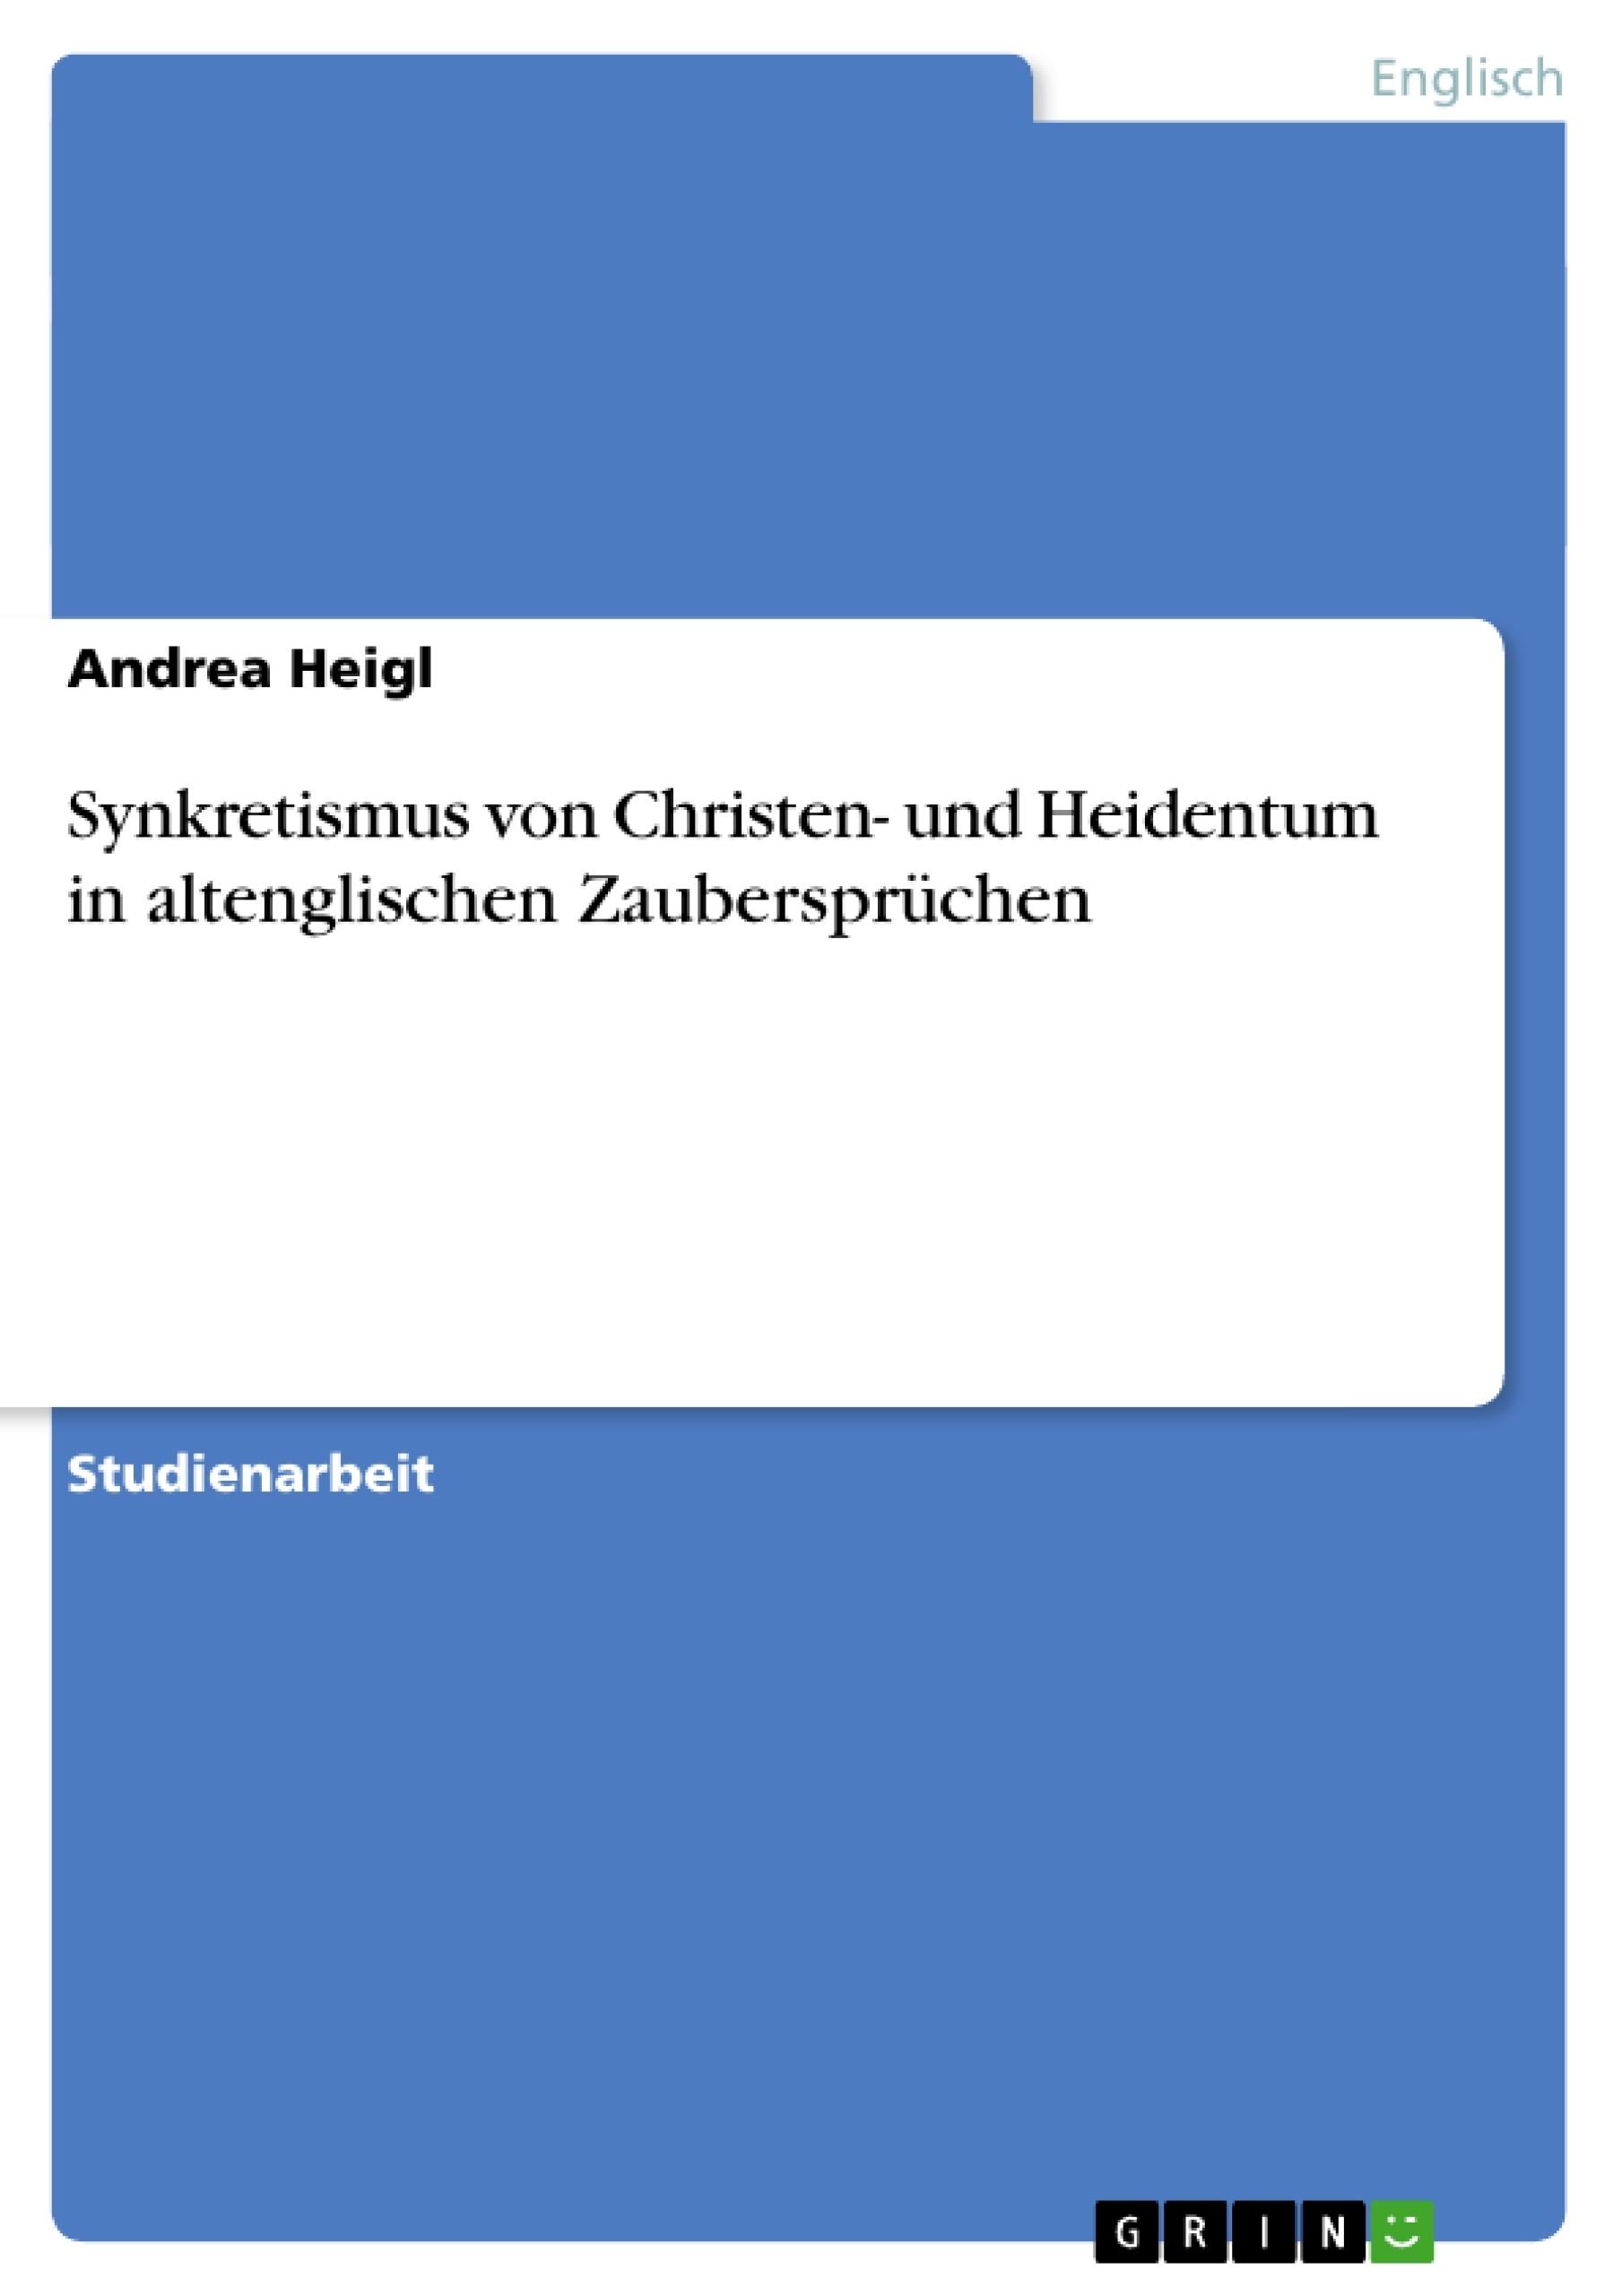 Titel: Synkretismus von Christen- und Heidentum in altenglischen Zaubersprüchen